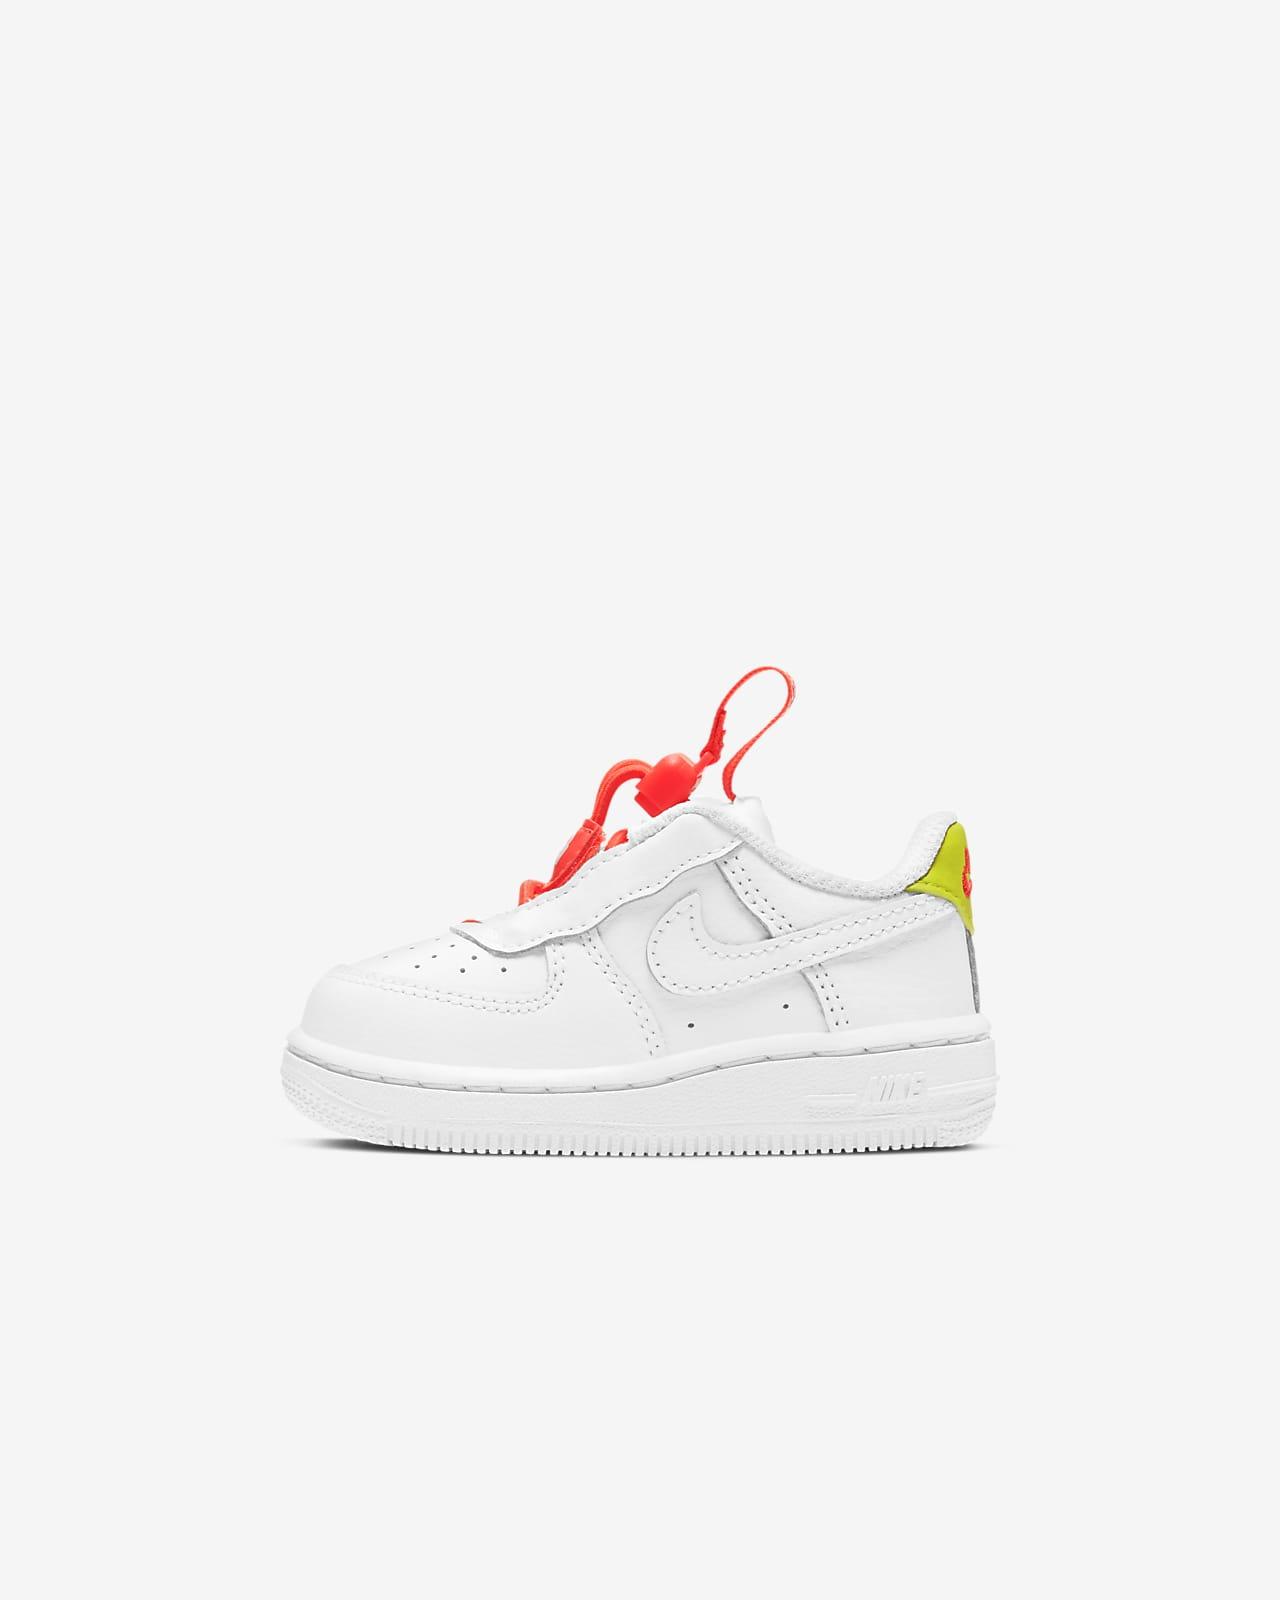 Bota Nike Force1 Toggle prokojence abatolata